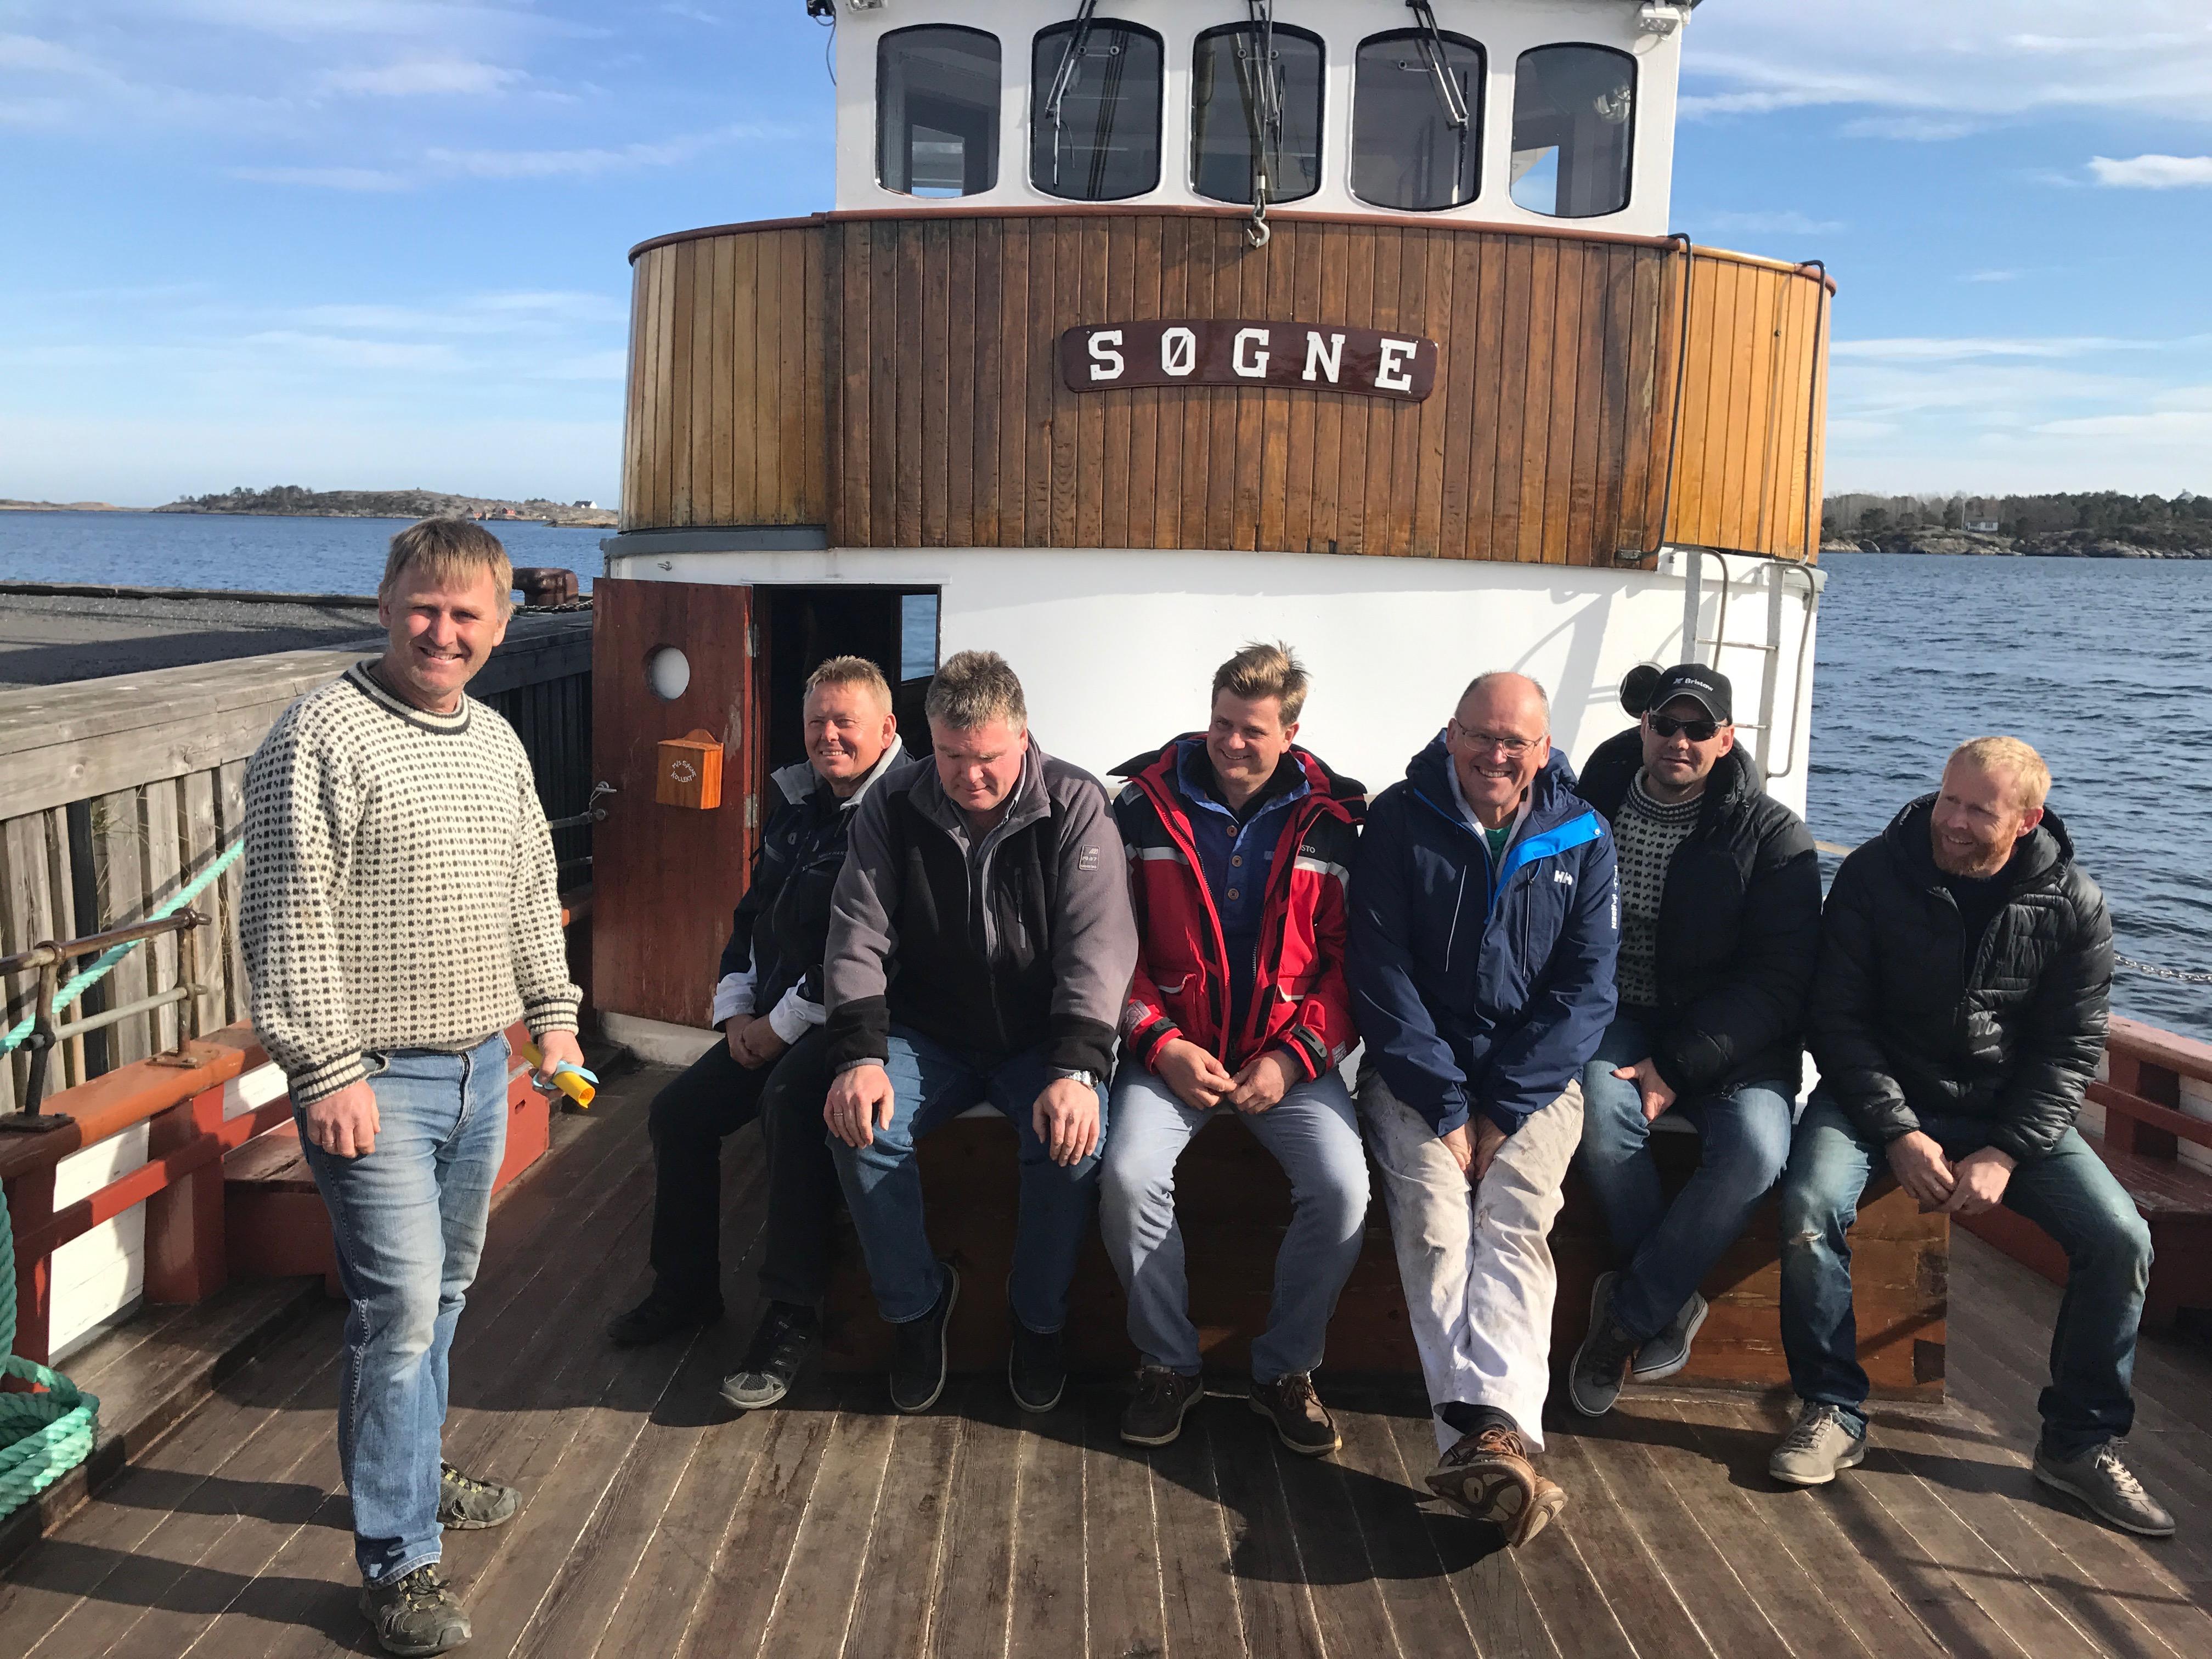 Fraktefartøyet M/S Søgne med representanter fra kystlaget M/S Søgne. Foto: Linda Herud/Kulturminnefondet